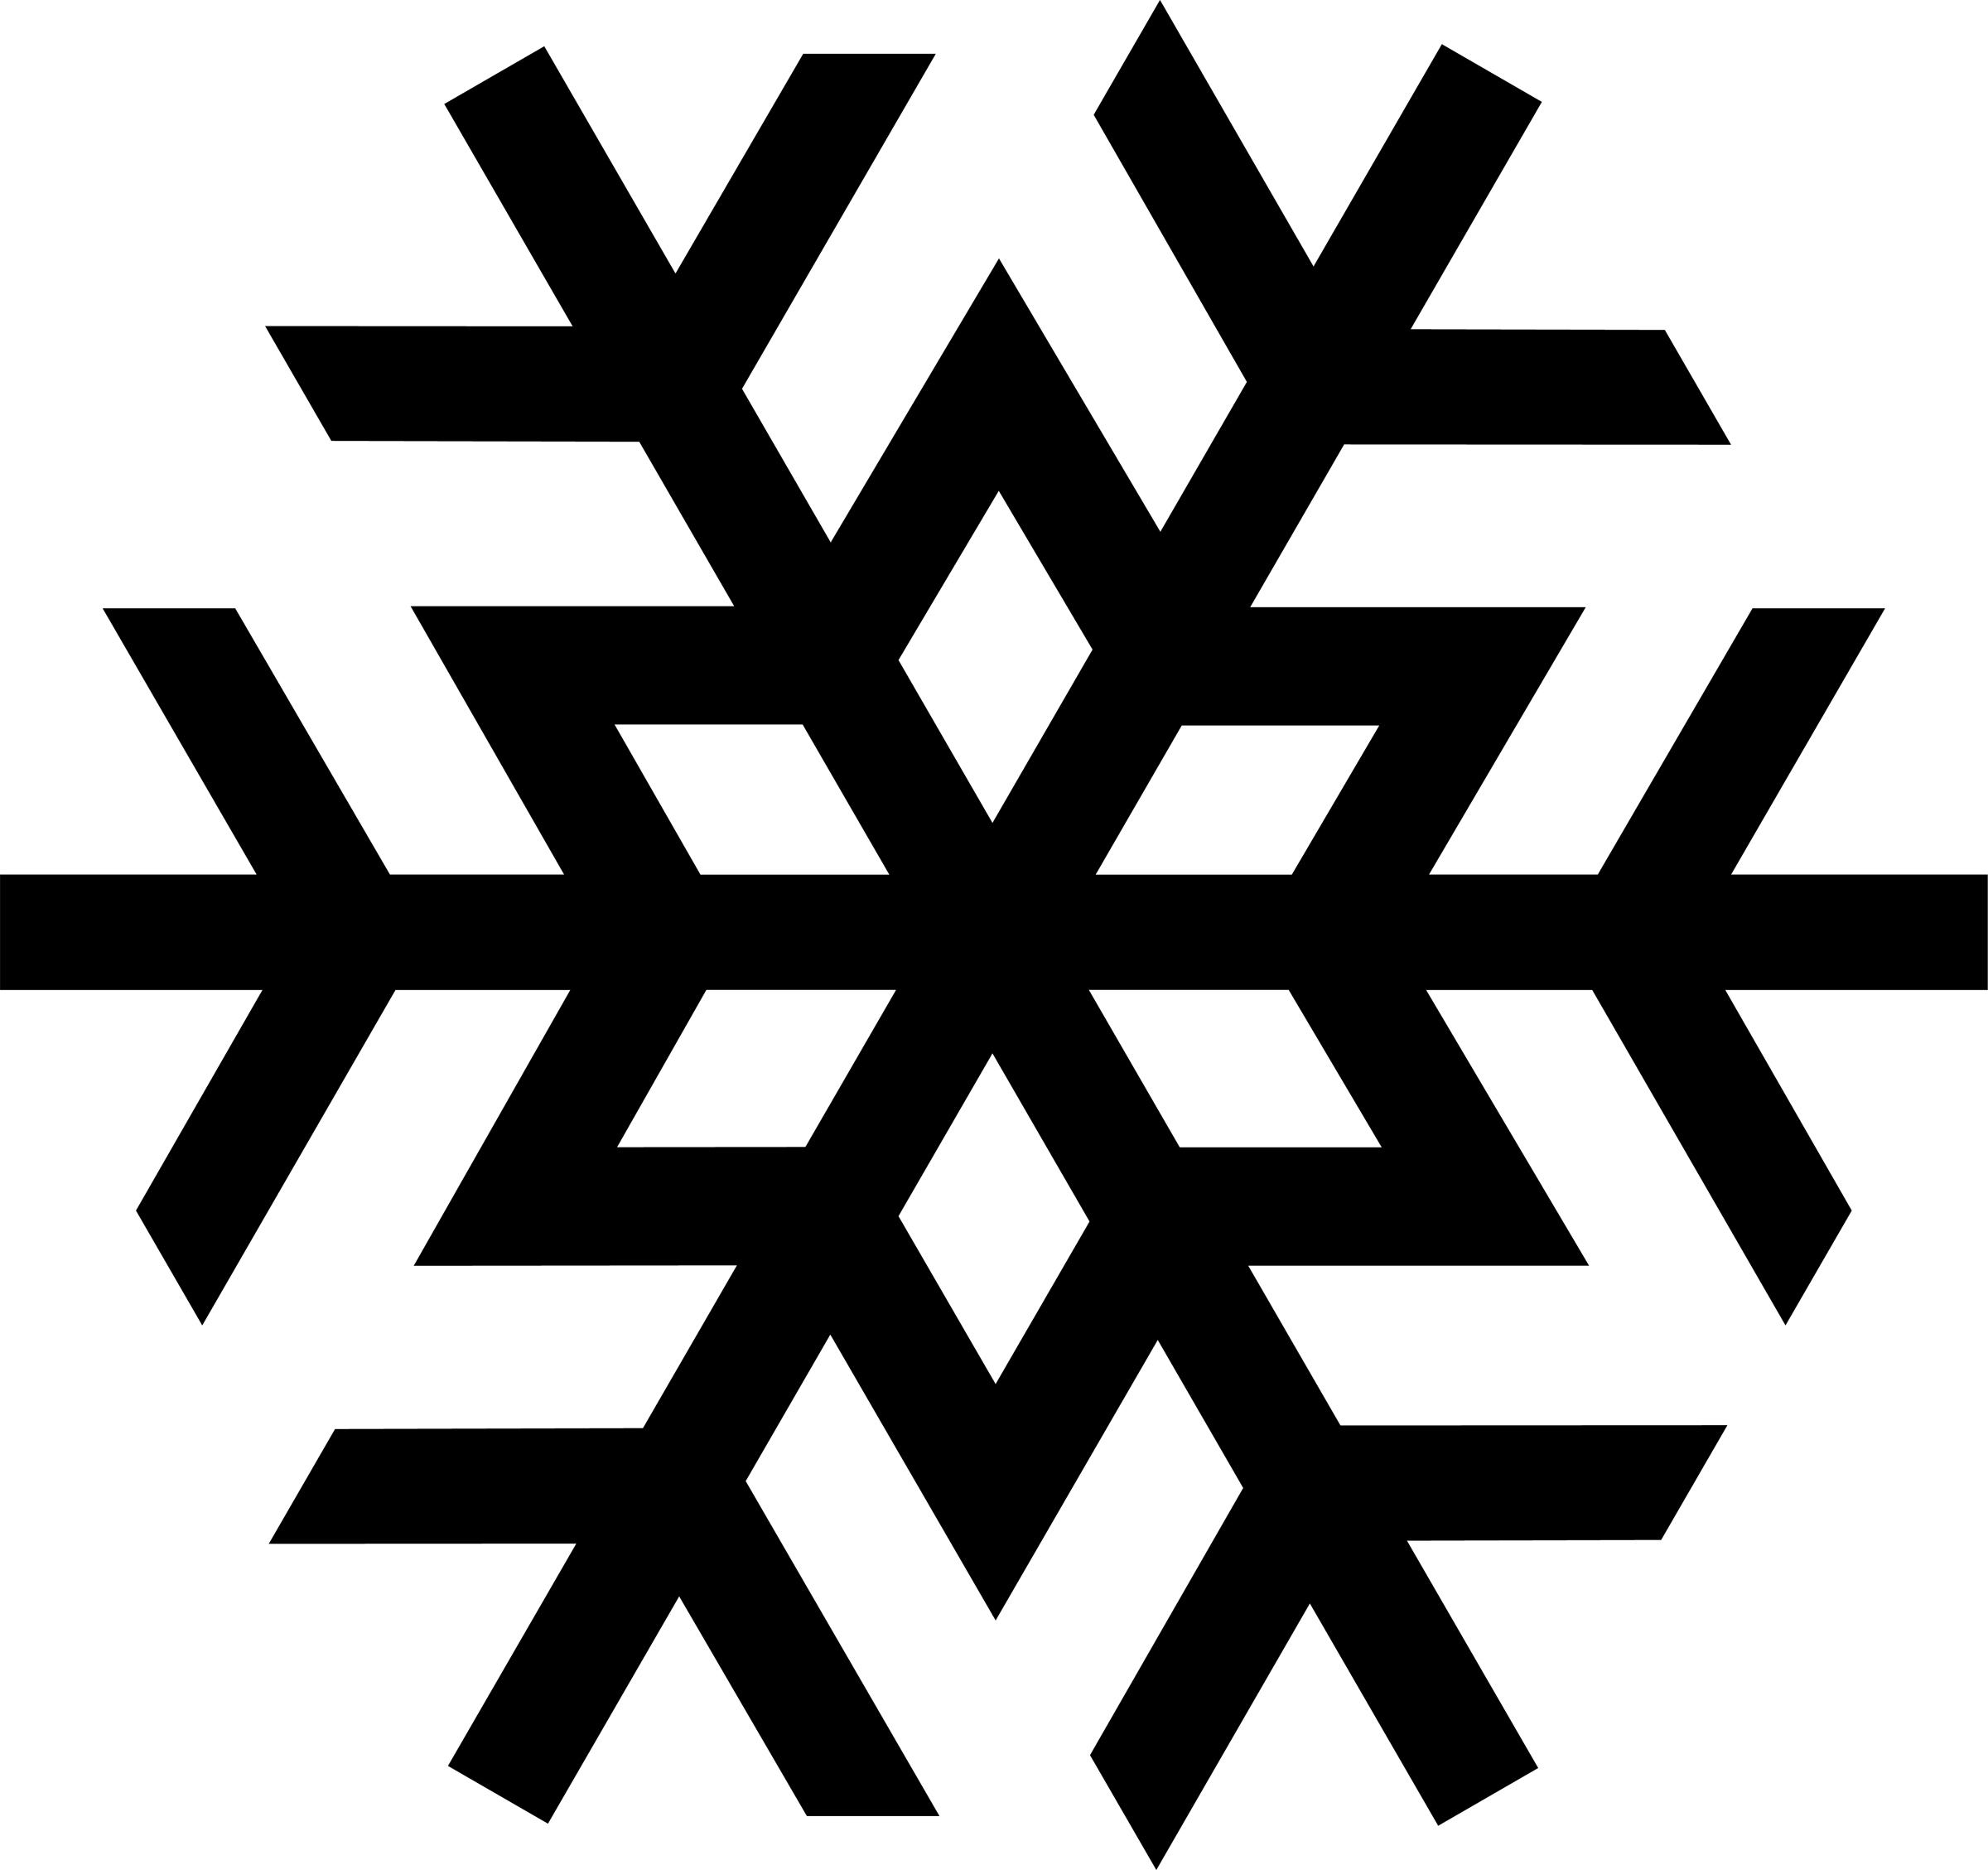 Snowflake Logos - 20 Cool Snowflake Logos - logoinspiration.net